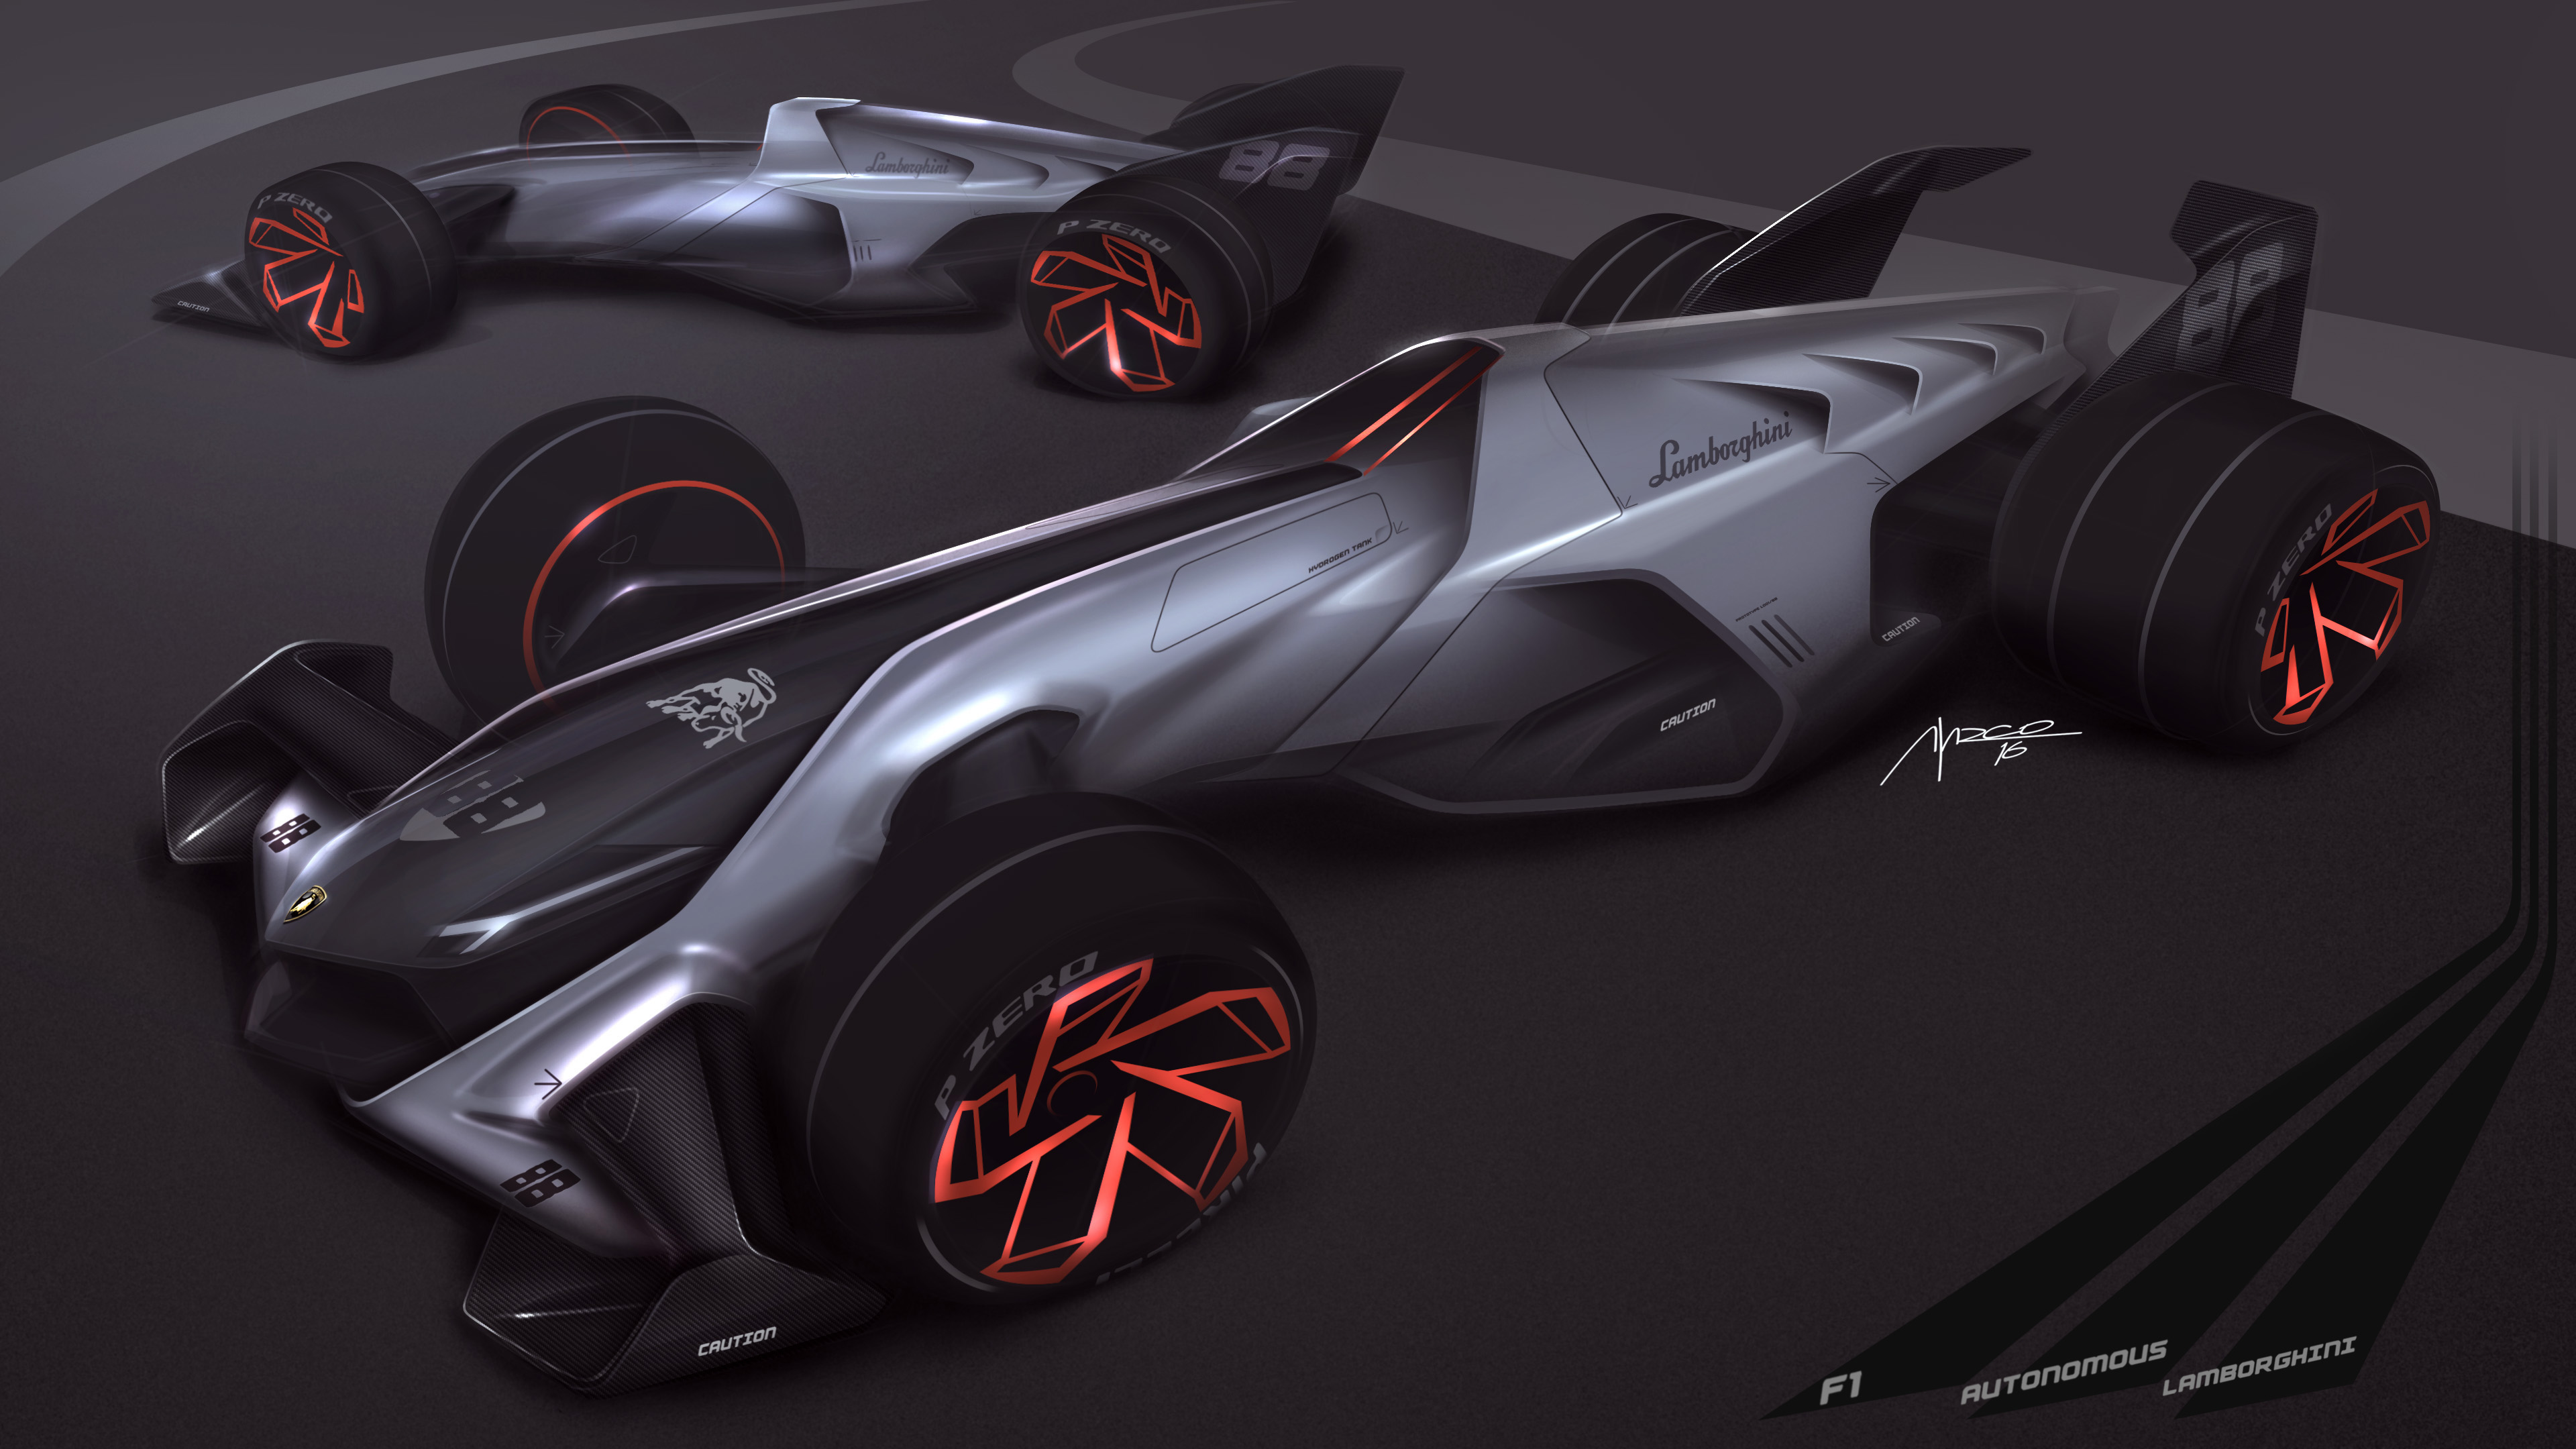 Lamborghini on